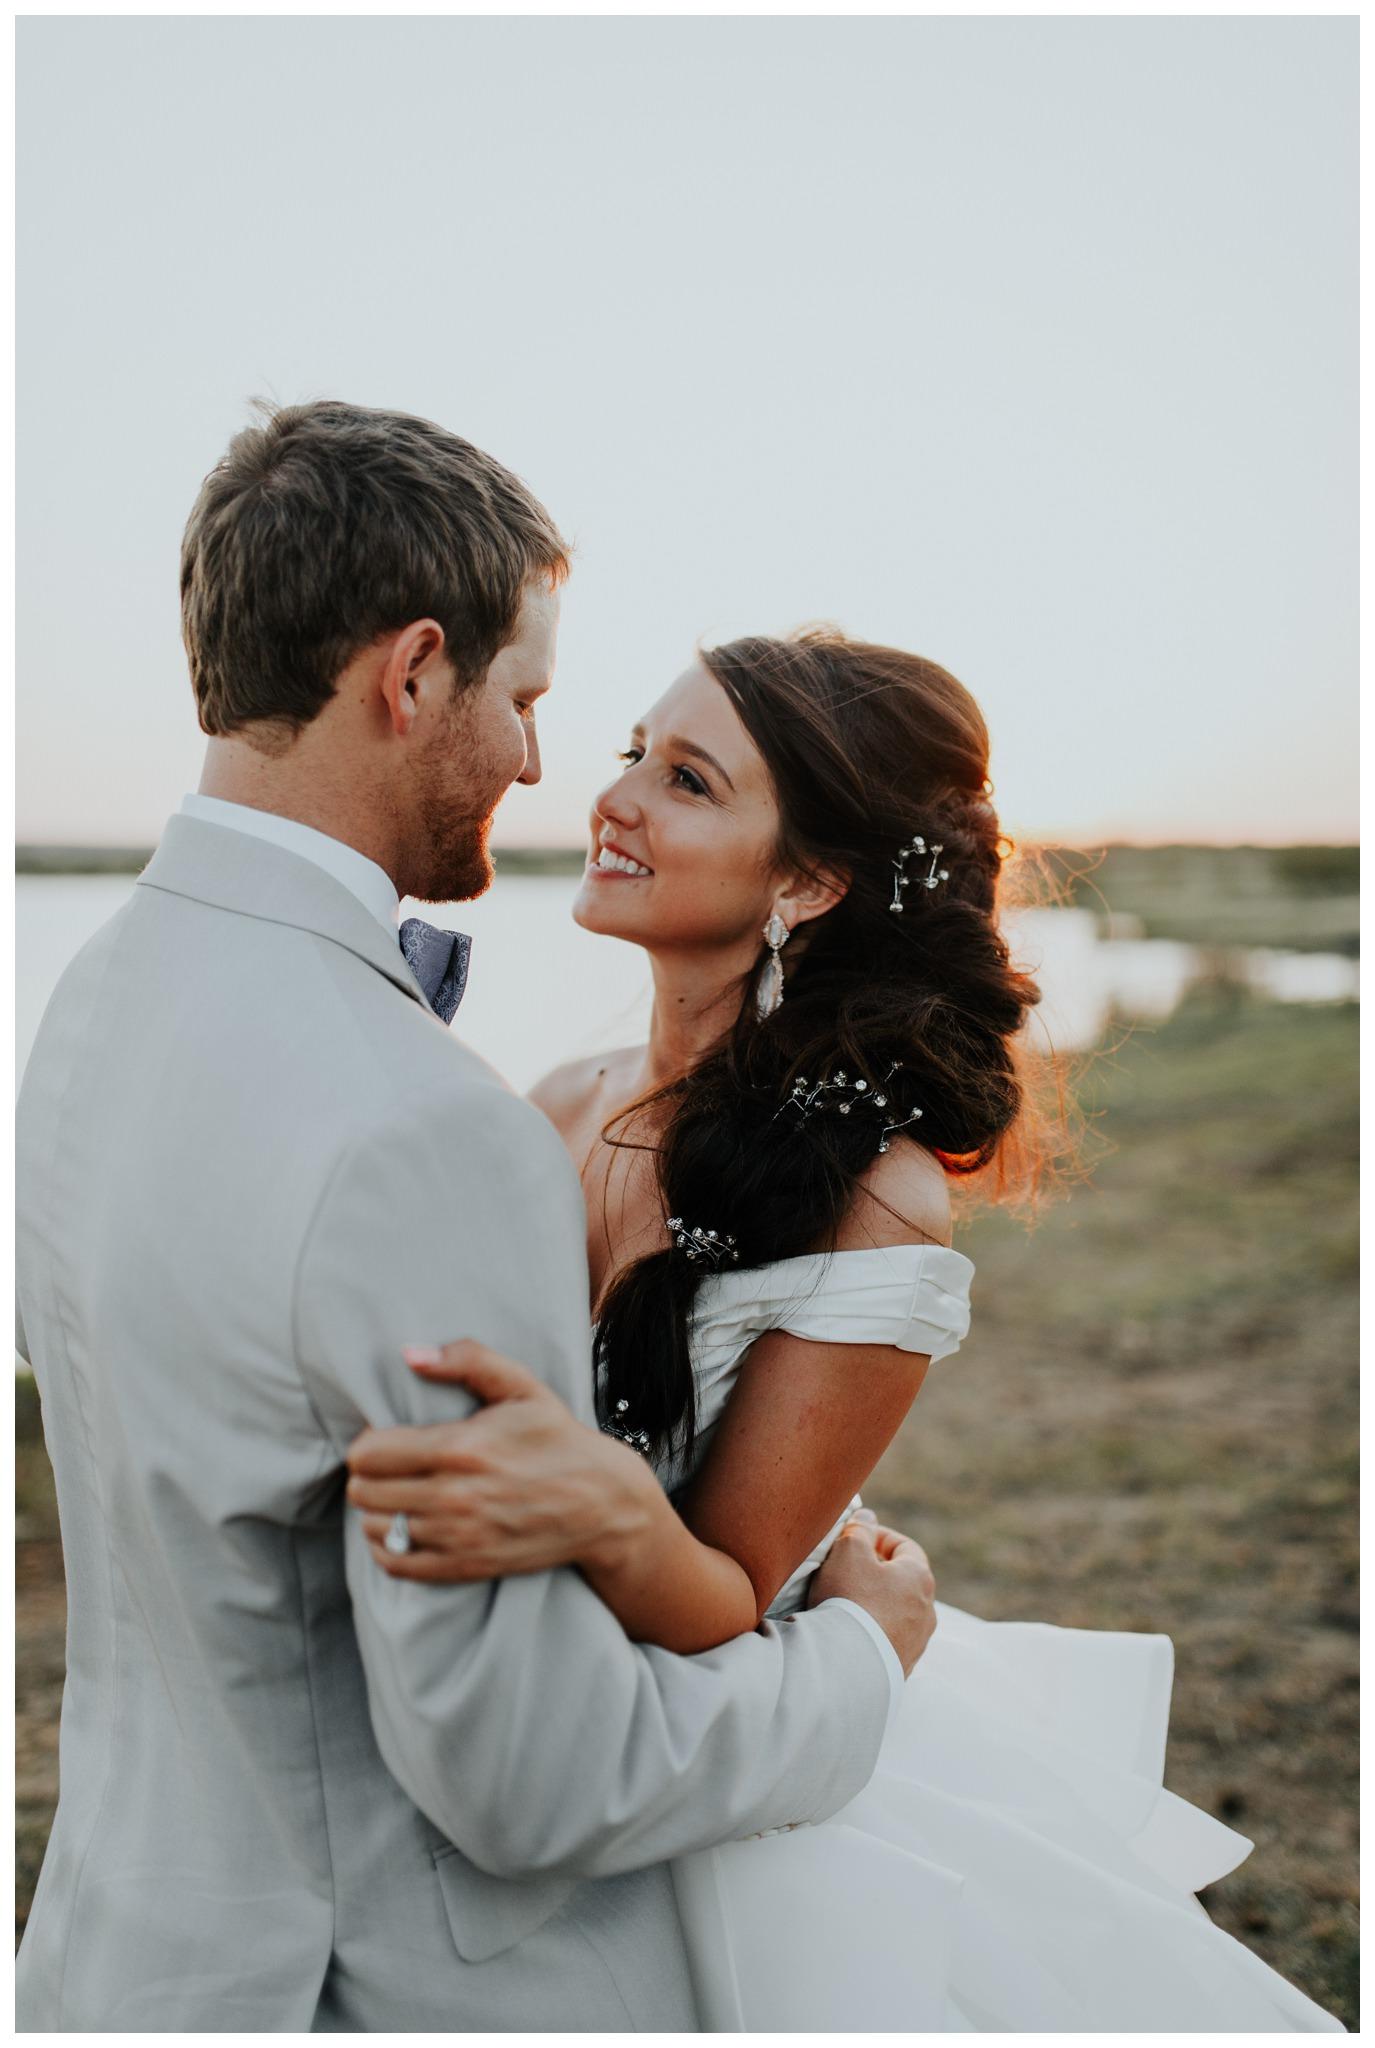 Whimsical Ranch West Texas Wedding - DIY Farm Wedding-9403.jpg